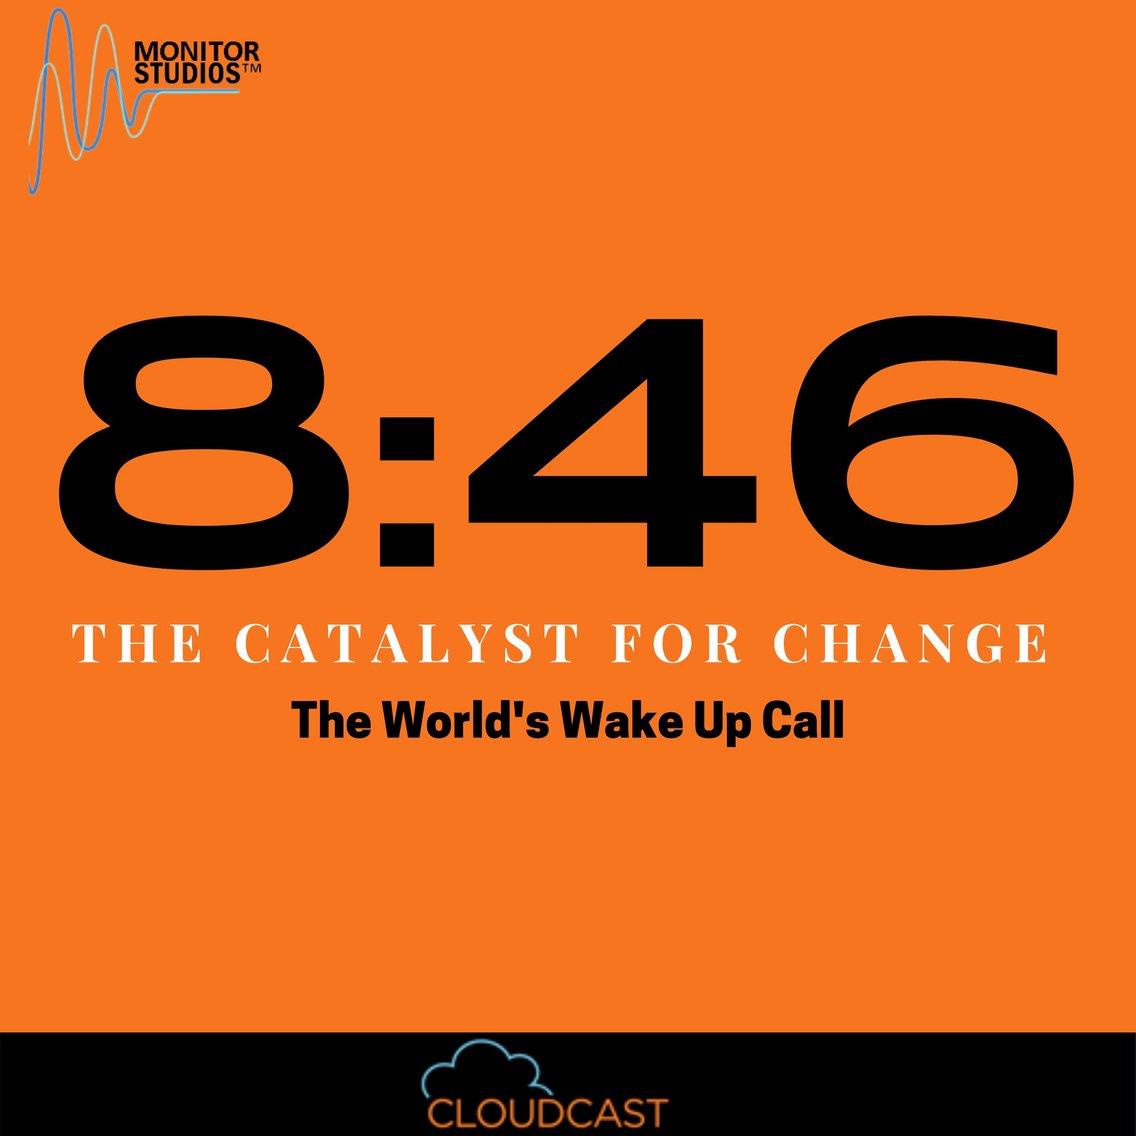 8:46 Catalyst For Change - immagine di copertina